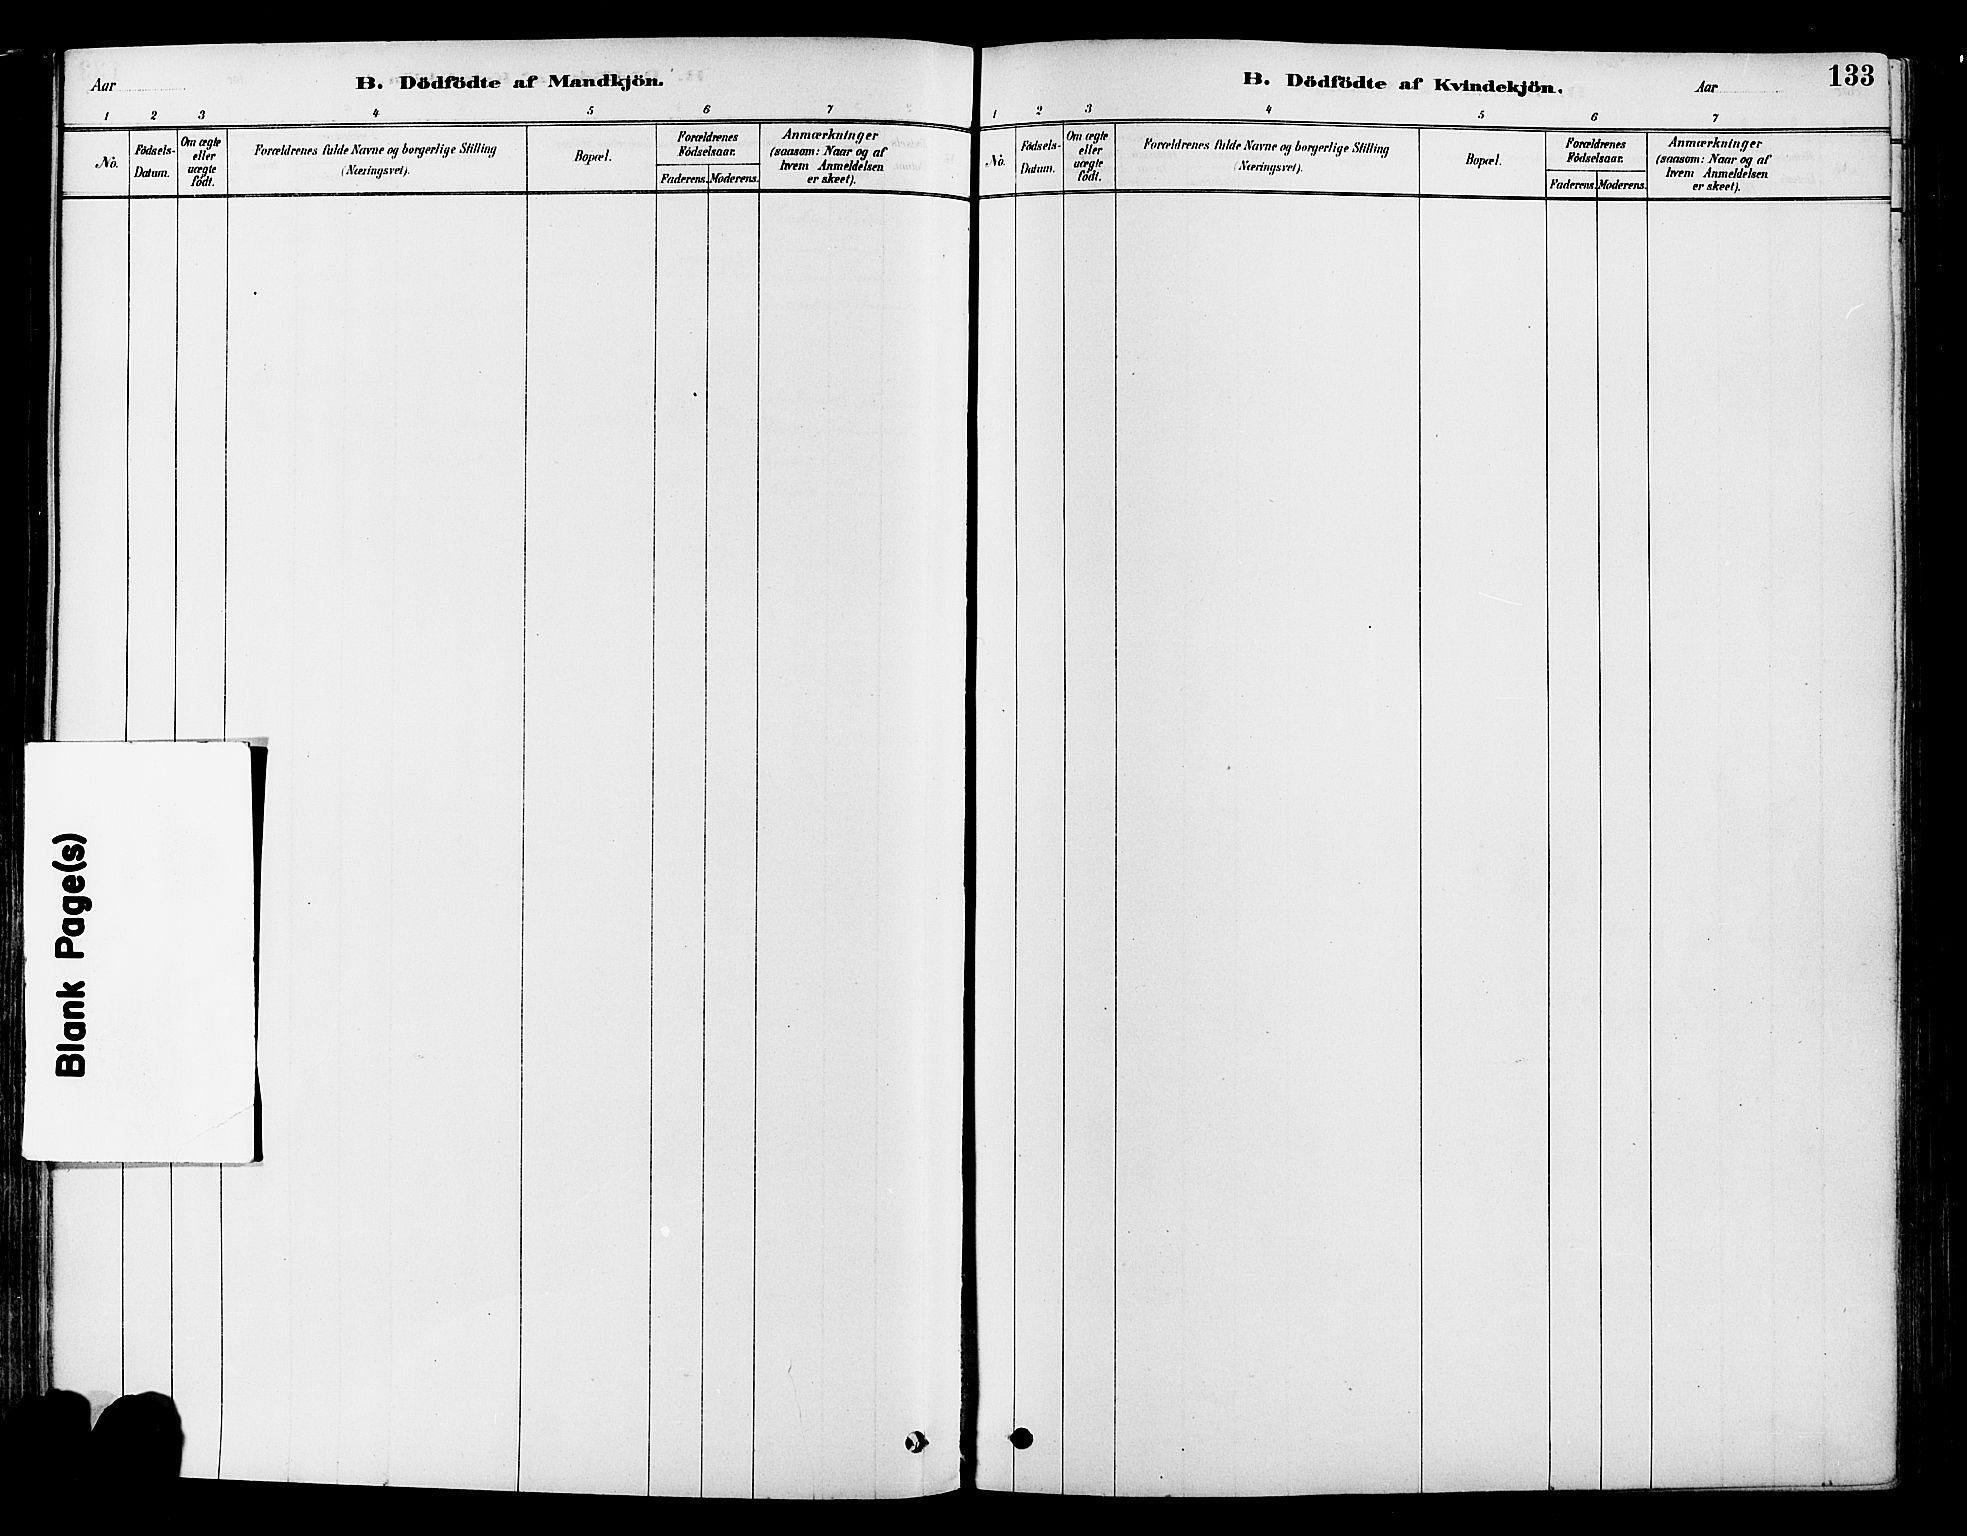 SAH, Vestre Toten prestekontor, Ministerialbok nr. 9, 1878-1894, s. 133